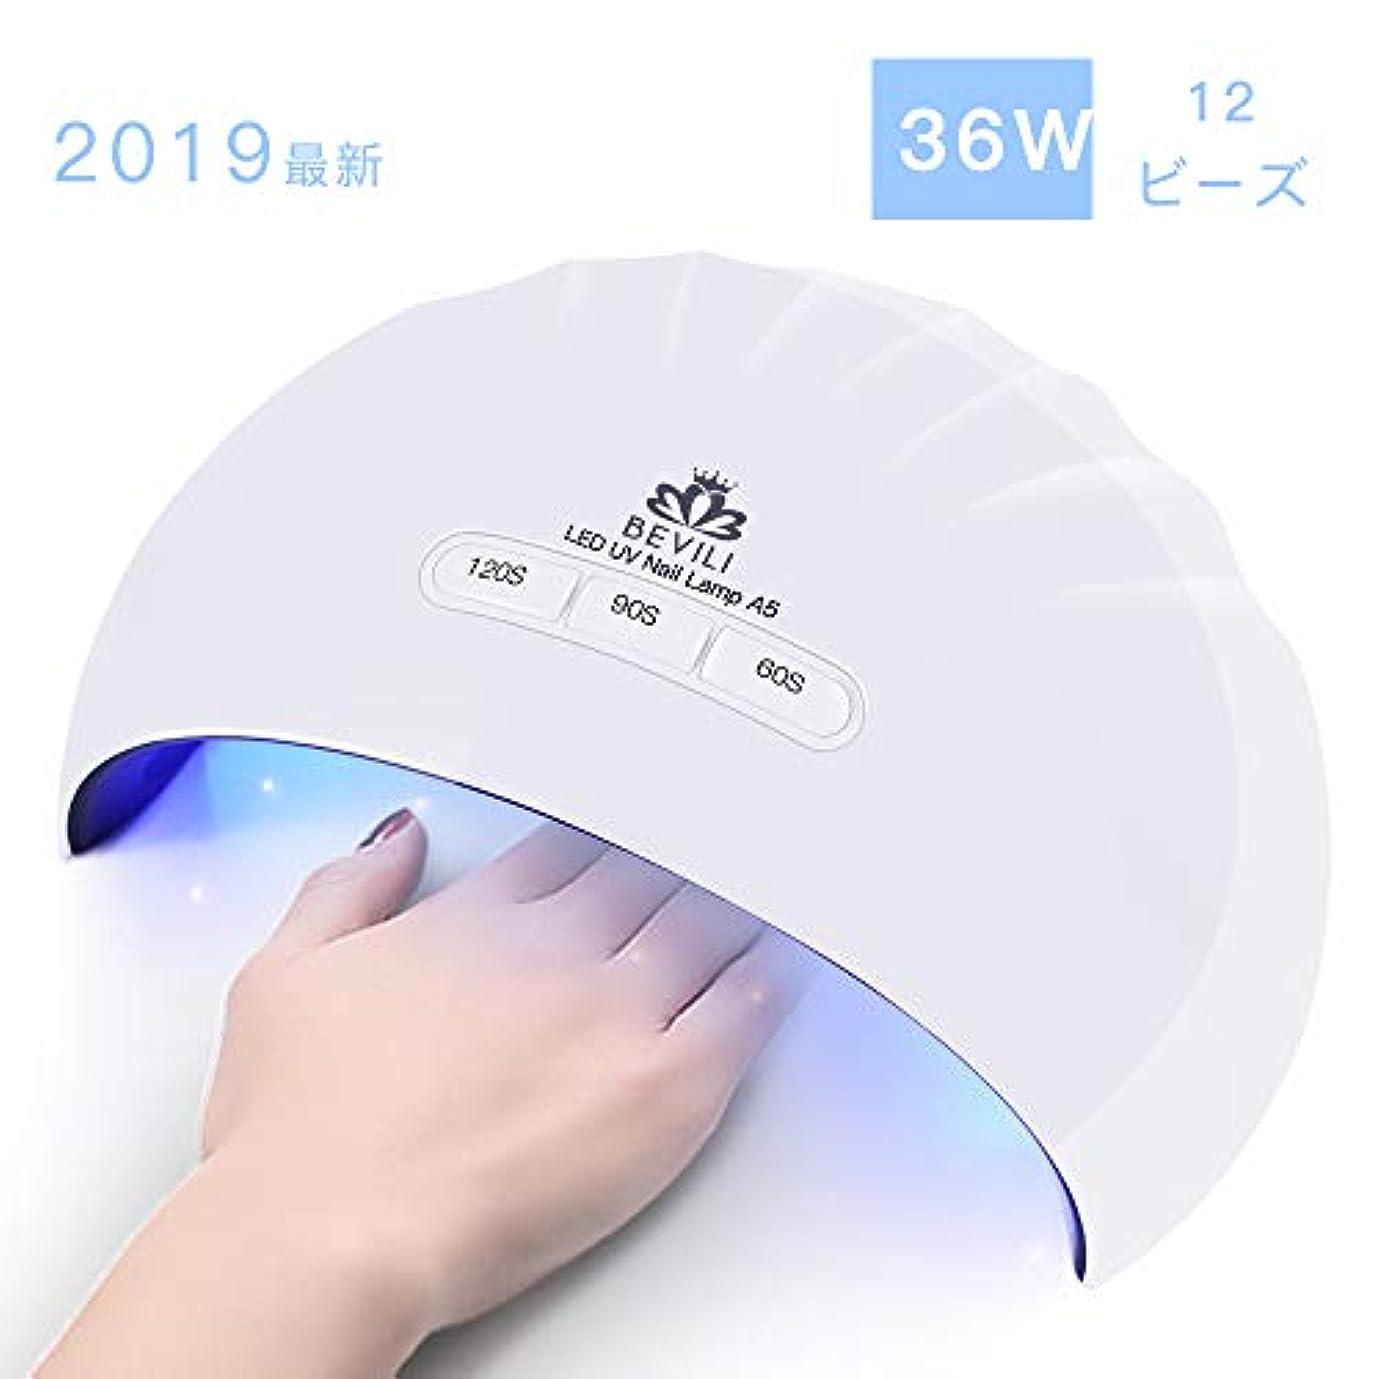 印象的な急勾配の再生可能硬化用UV/LEDライトジェルネイルライト 肌をケア センサータイマー付き UVライト 速乾UV ネイル ハンドフット両用 ネイル led ライト USB対応